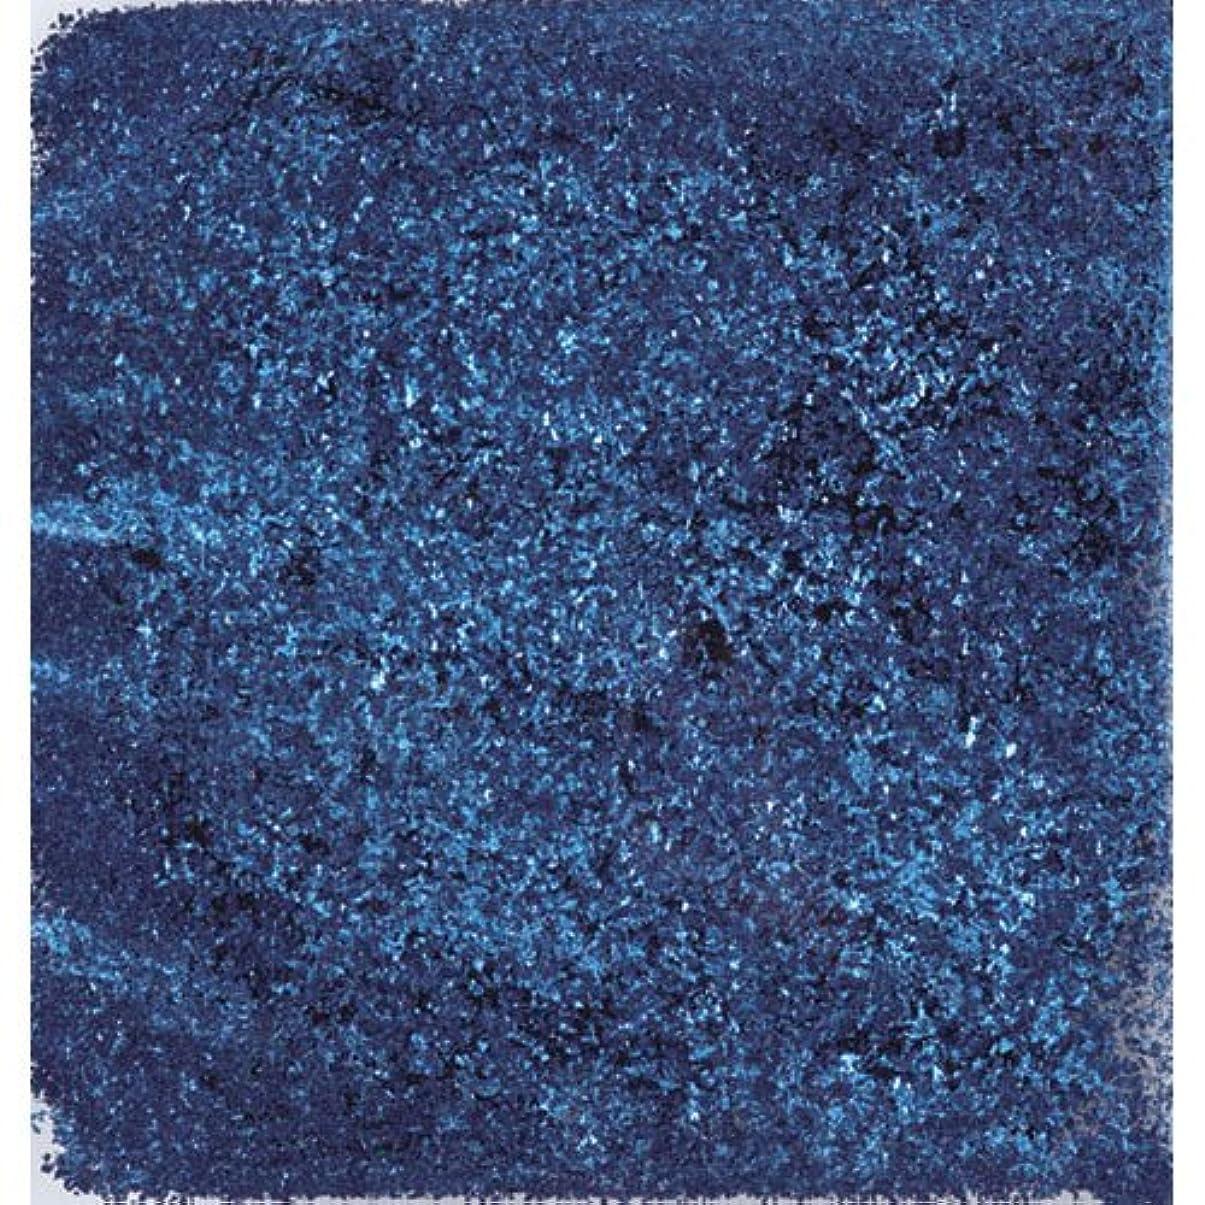 ネズミ冷える無秩序ピカエース ネイル用パウダー ピカエース シャインフレーク #713 藍色 0.3g アート材